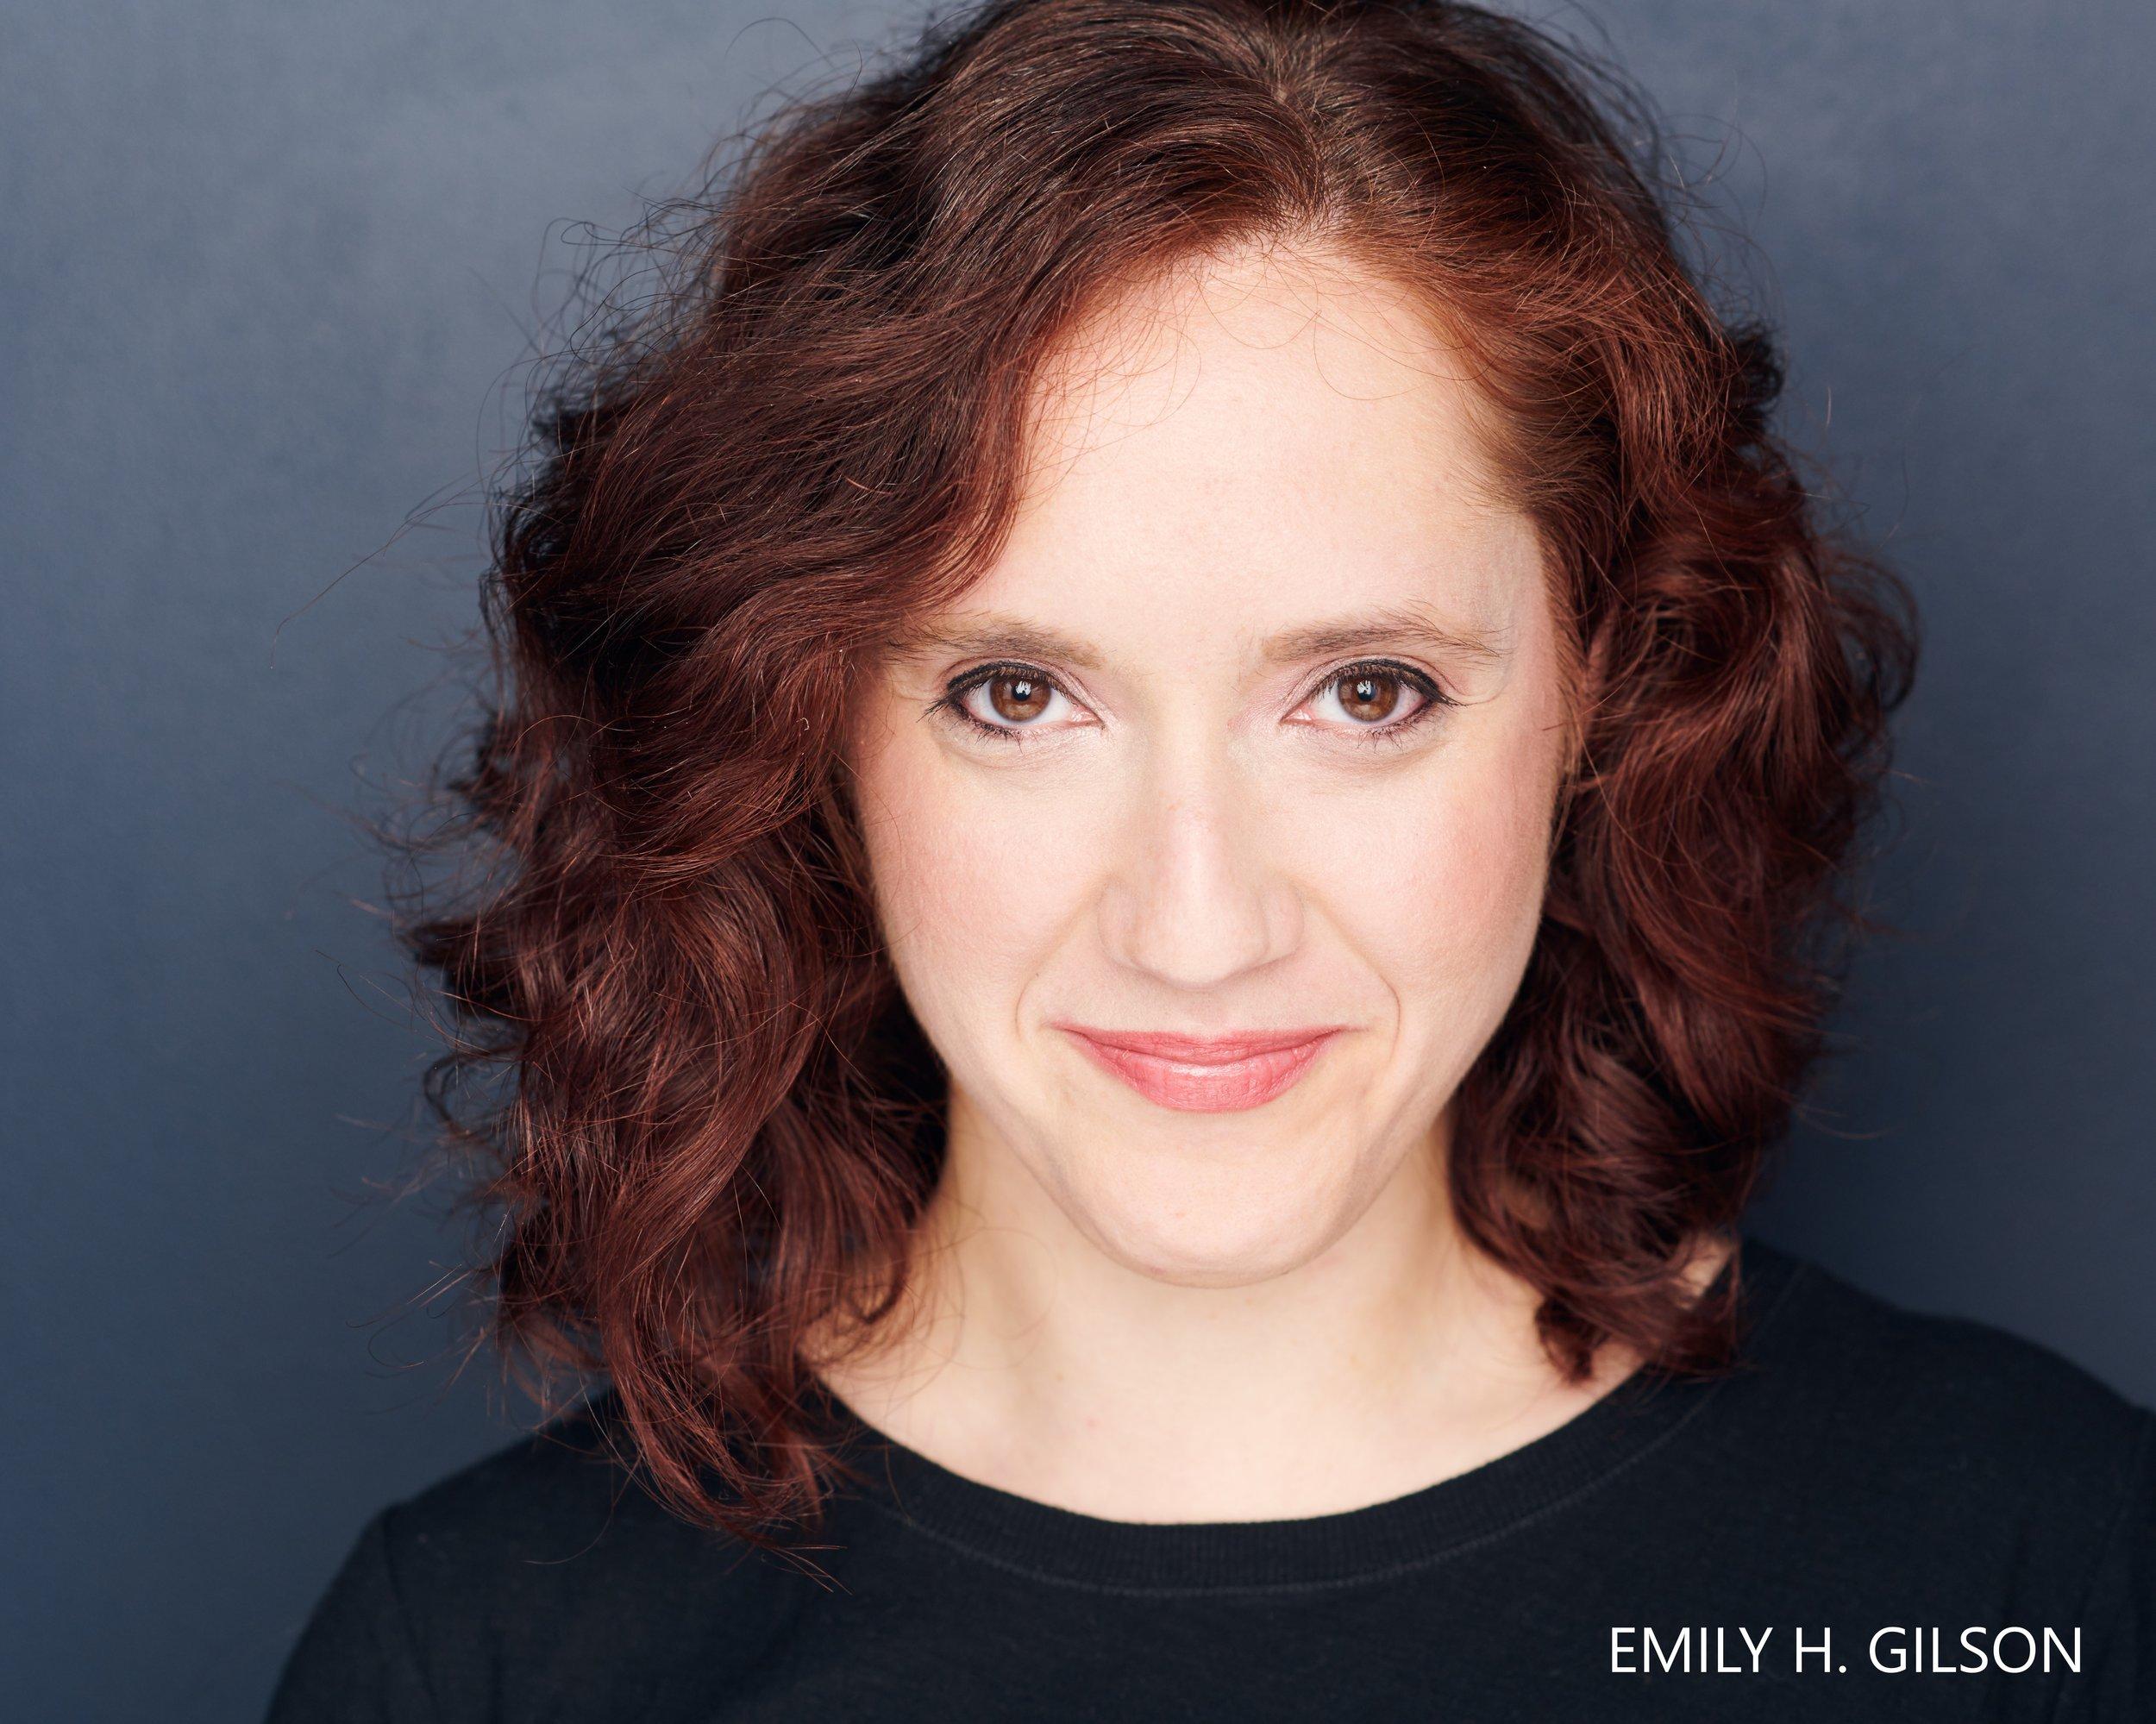 ABI: Emily H Gilson